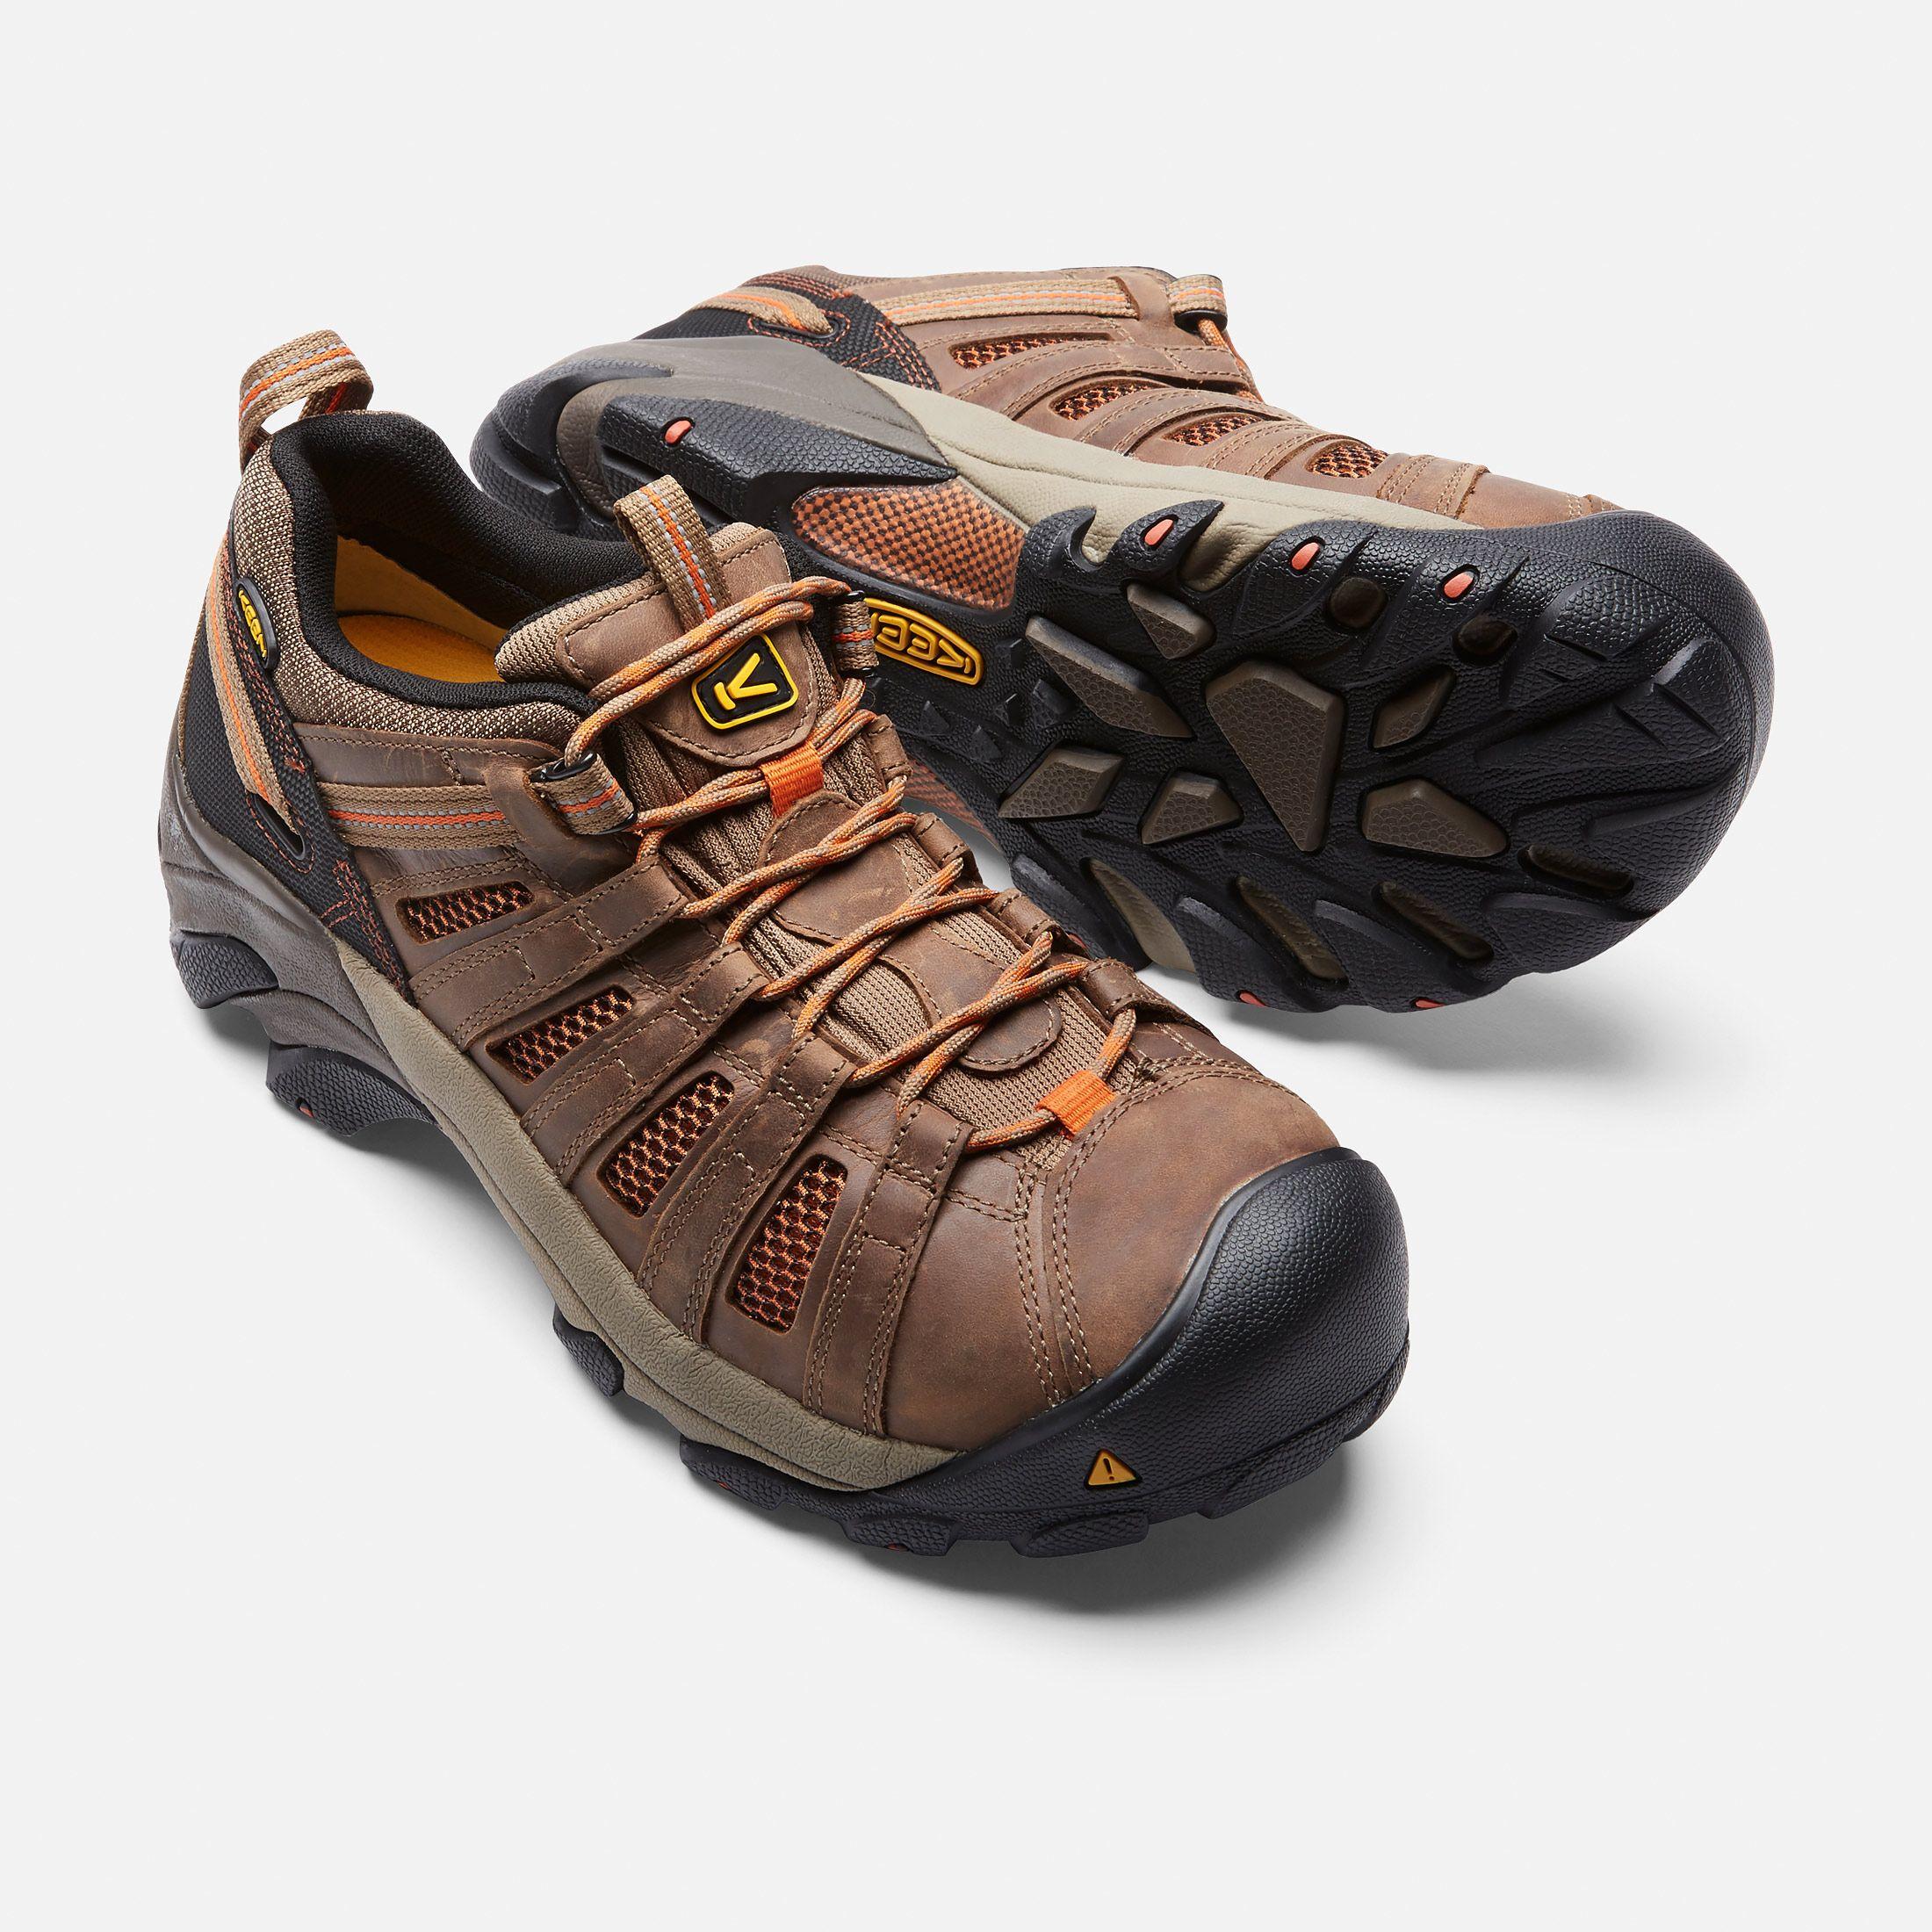 Keen Men's Flint Low (Steel Toe) Shoes Size 7.5 Wide, In